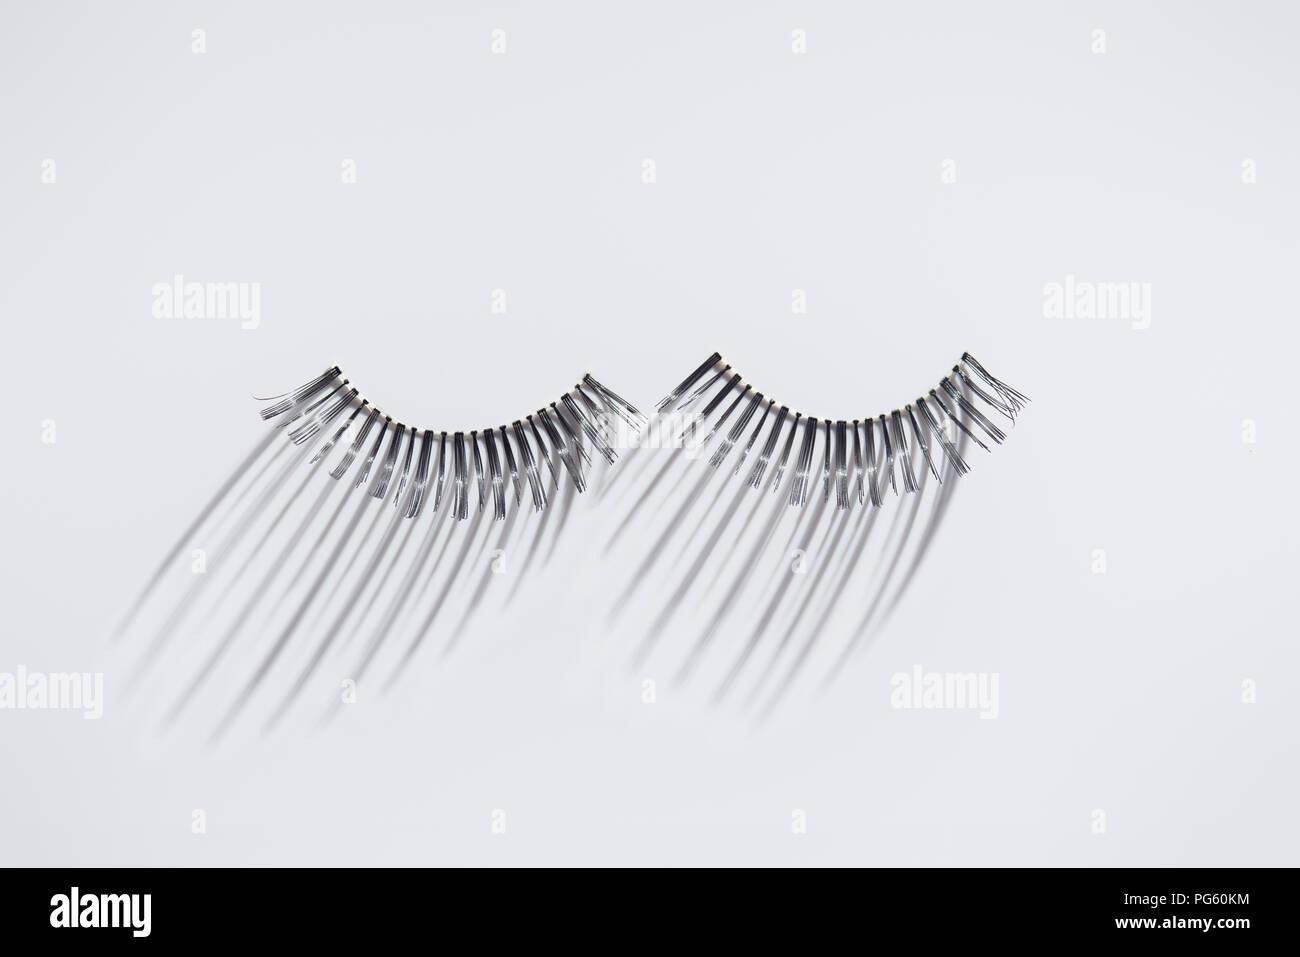 a903dff23dc Fake Eyelashes Stock Photos & Fake Eyelashes Stock Images - Alamy